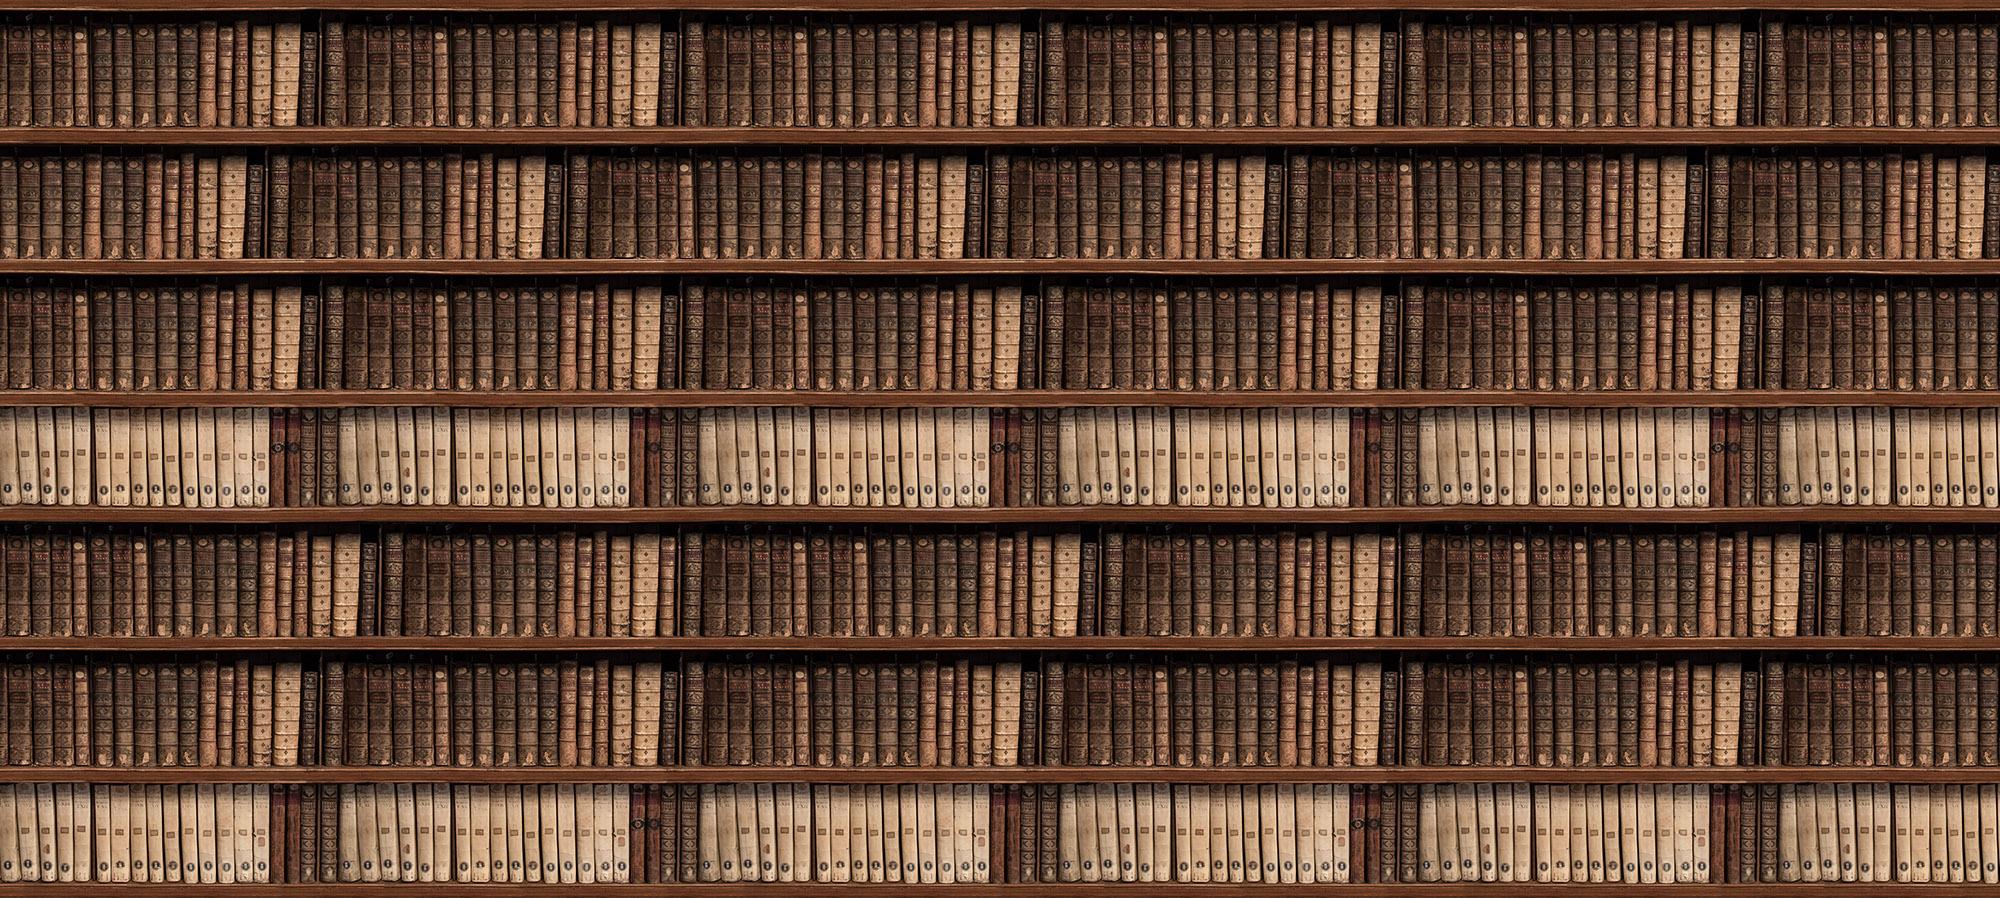 Image of   Antique Books